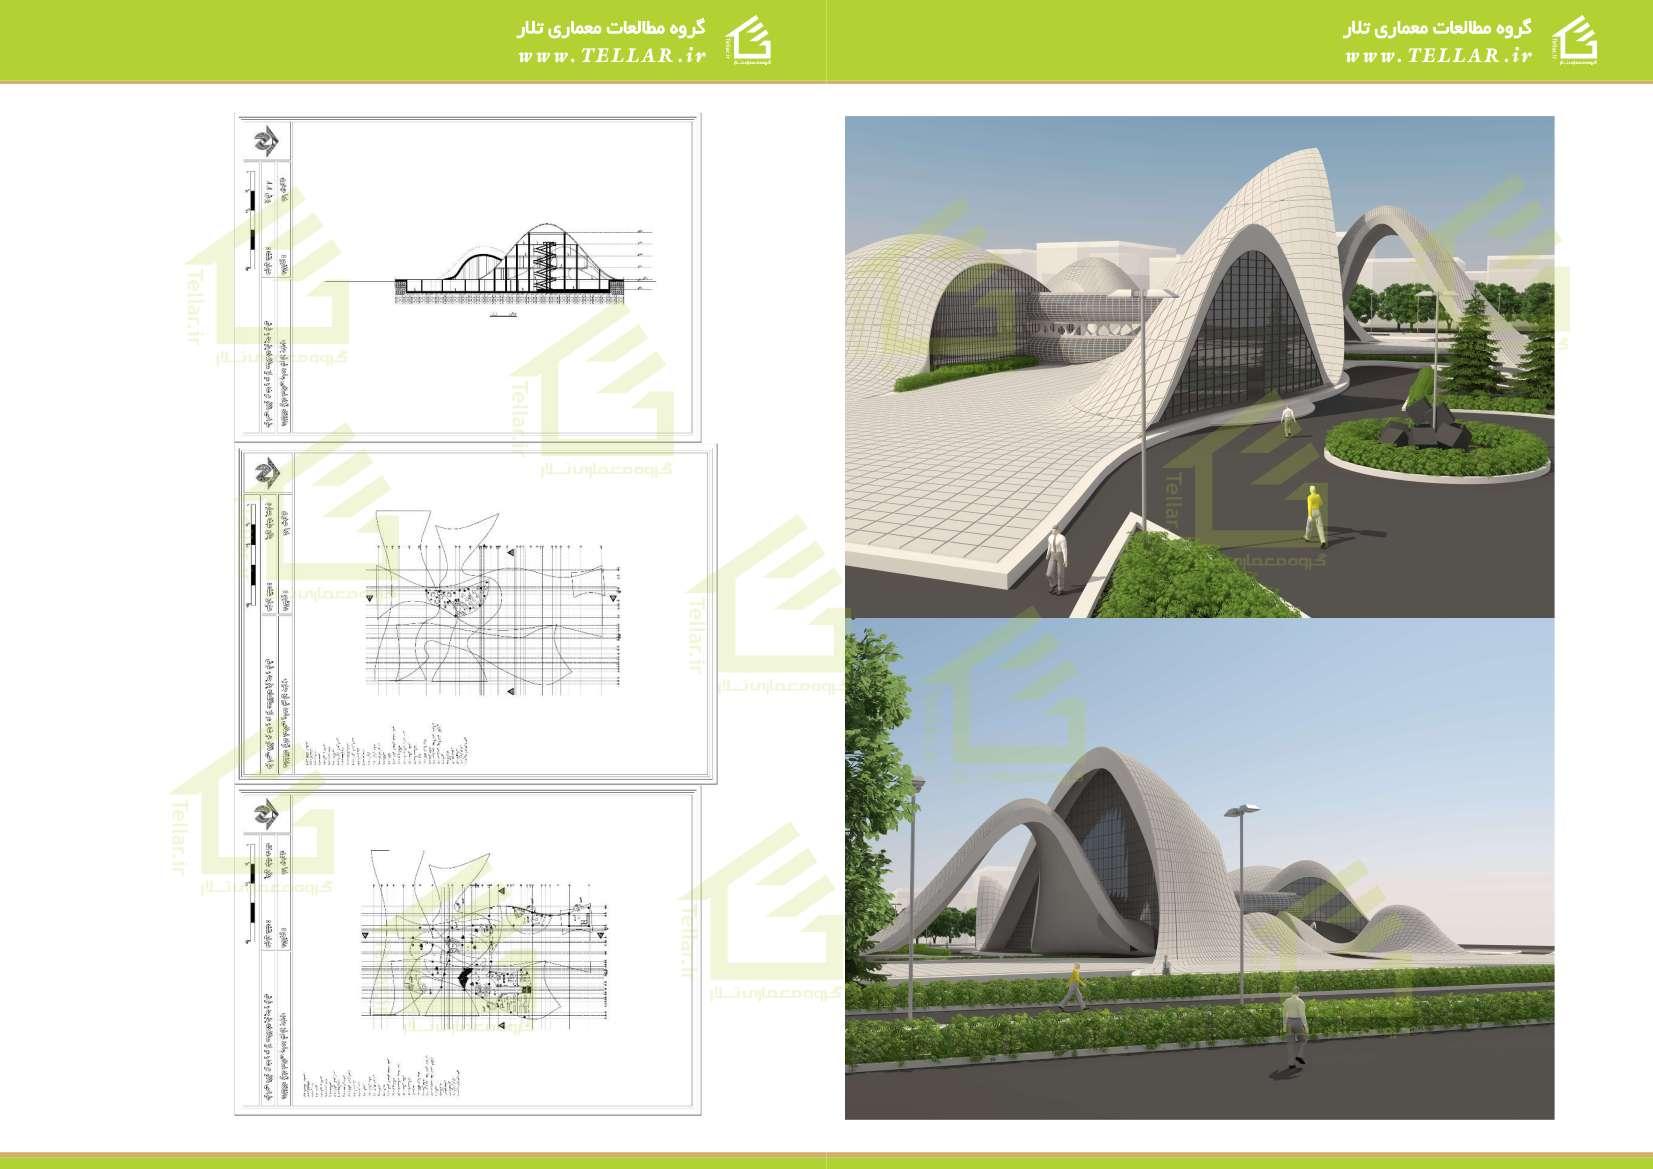 نمونه عکس های پروژه معماری پایان نامه در مورد طراحی مرکز فروش و تالار نمایش(مـوزه) فرش در قسمت زیر قابل رویت است.